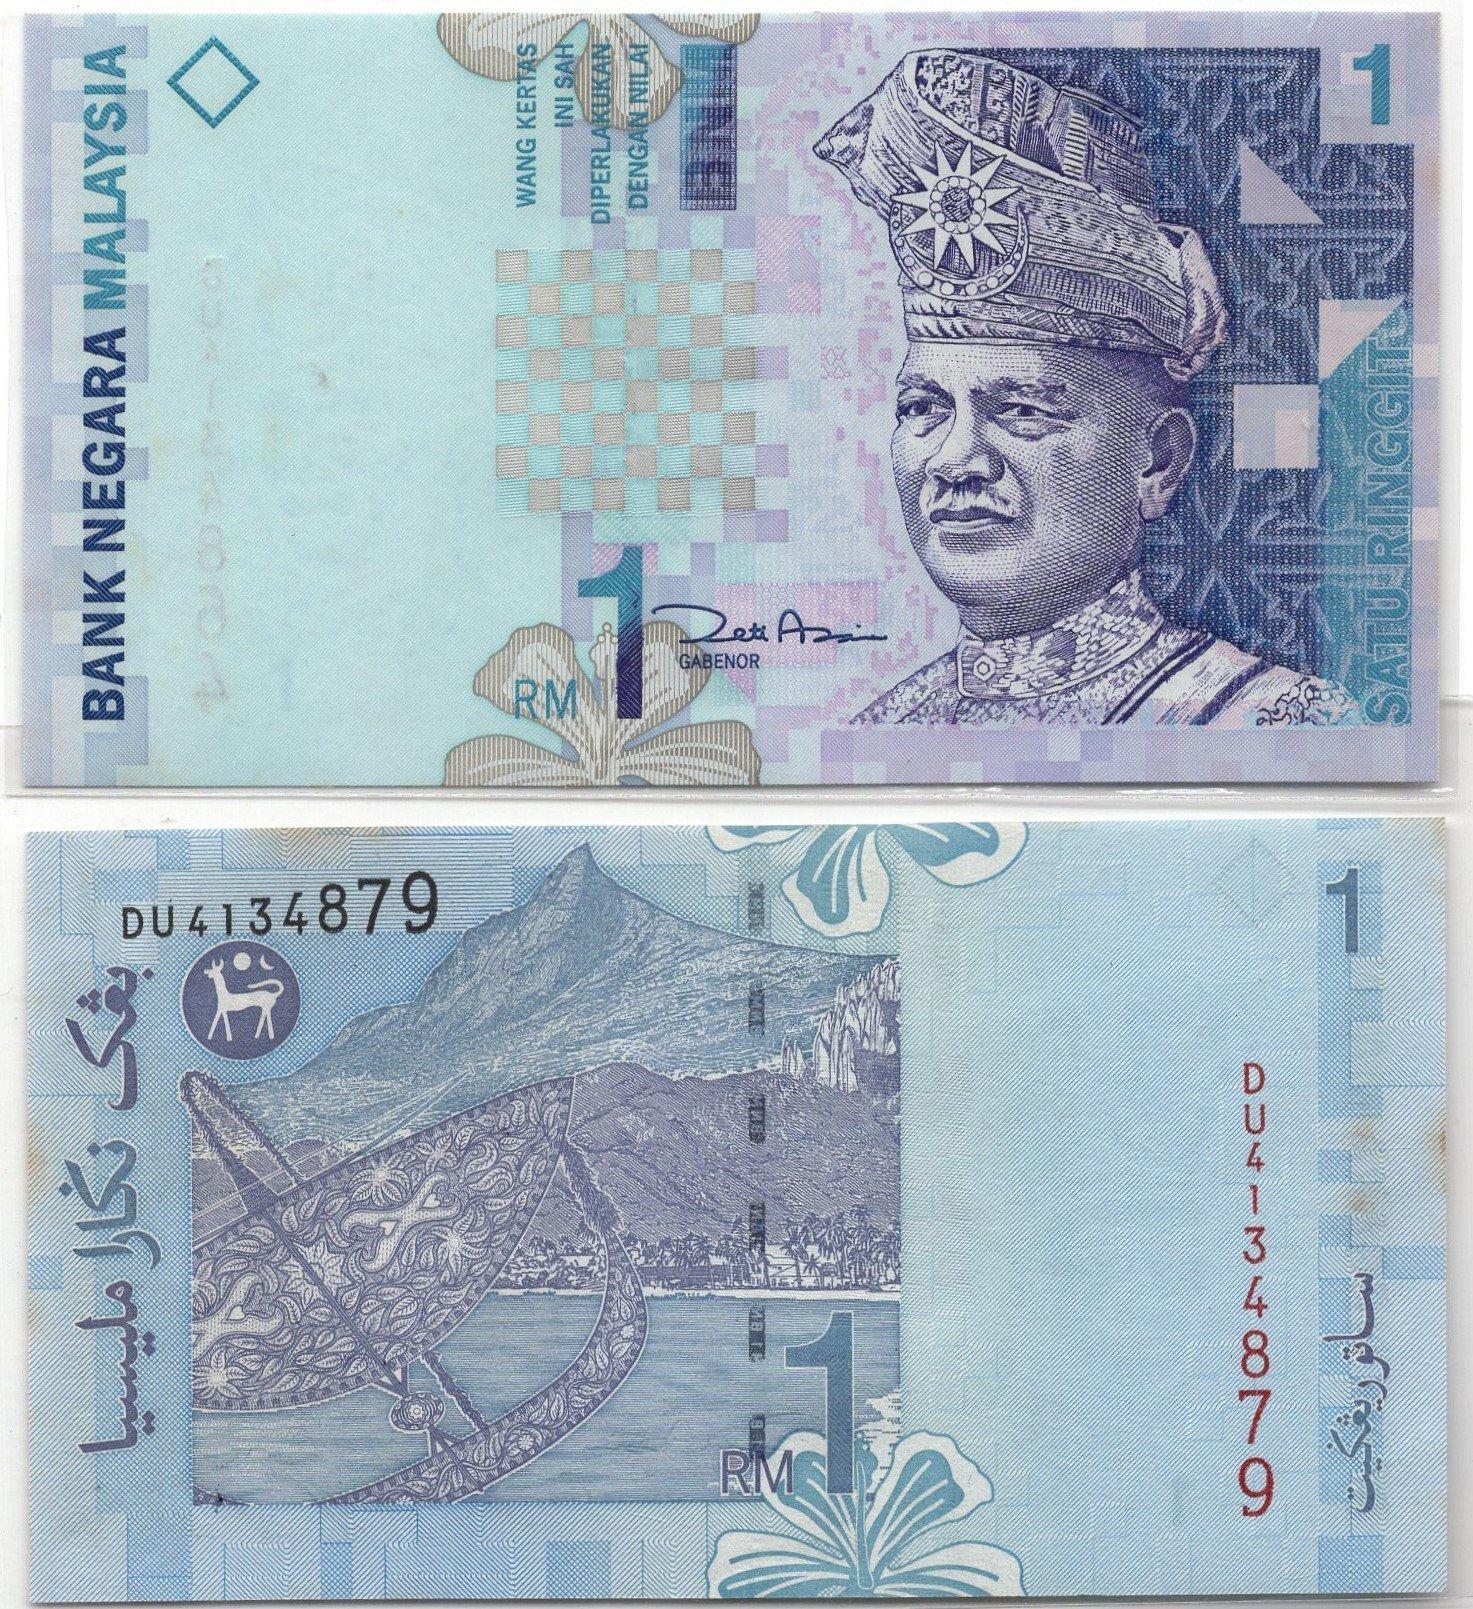 Malaysia 1 ringgit P39